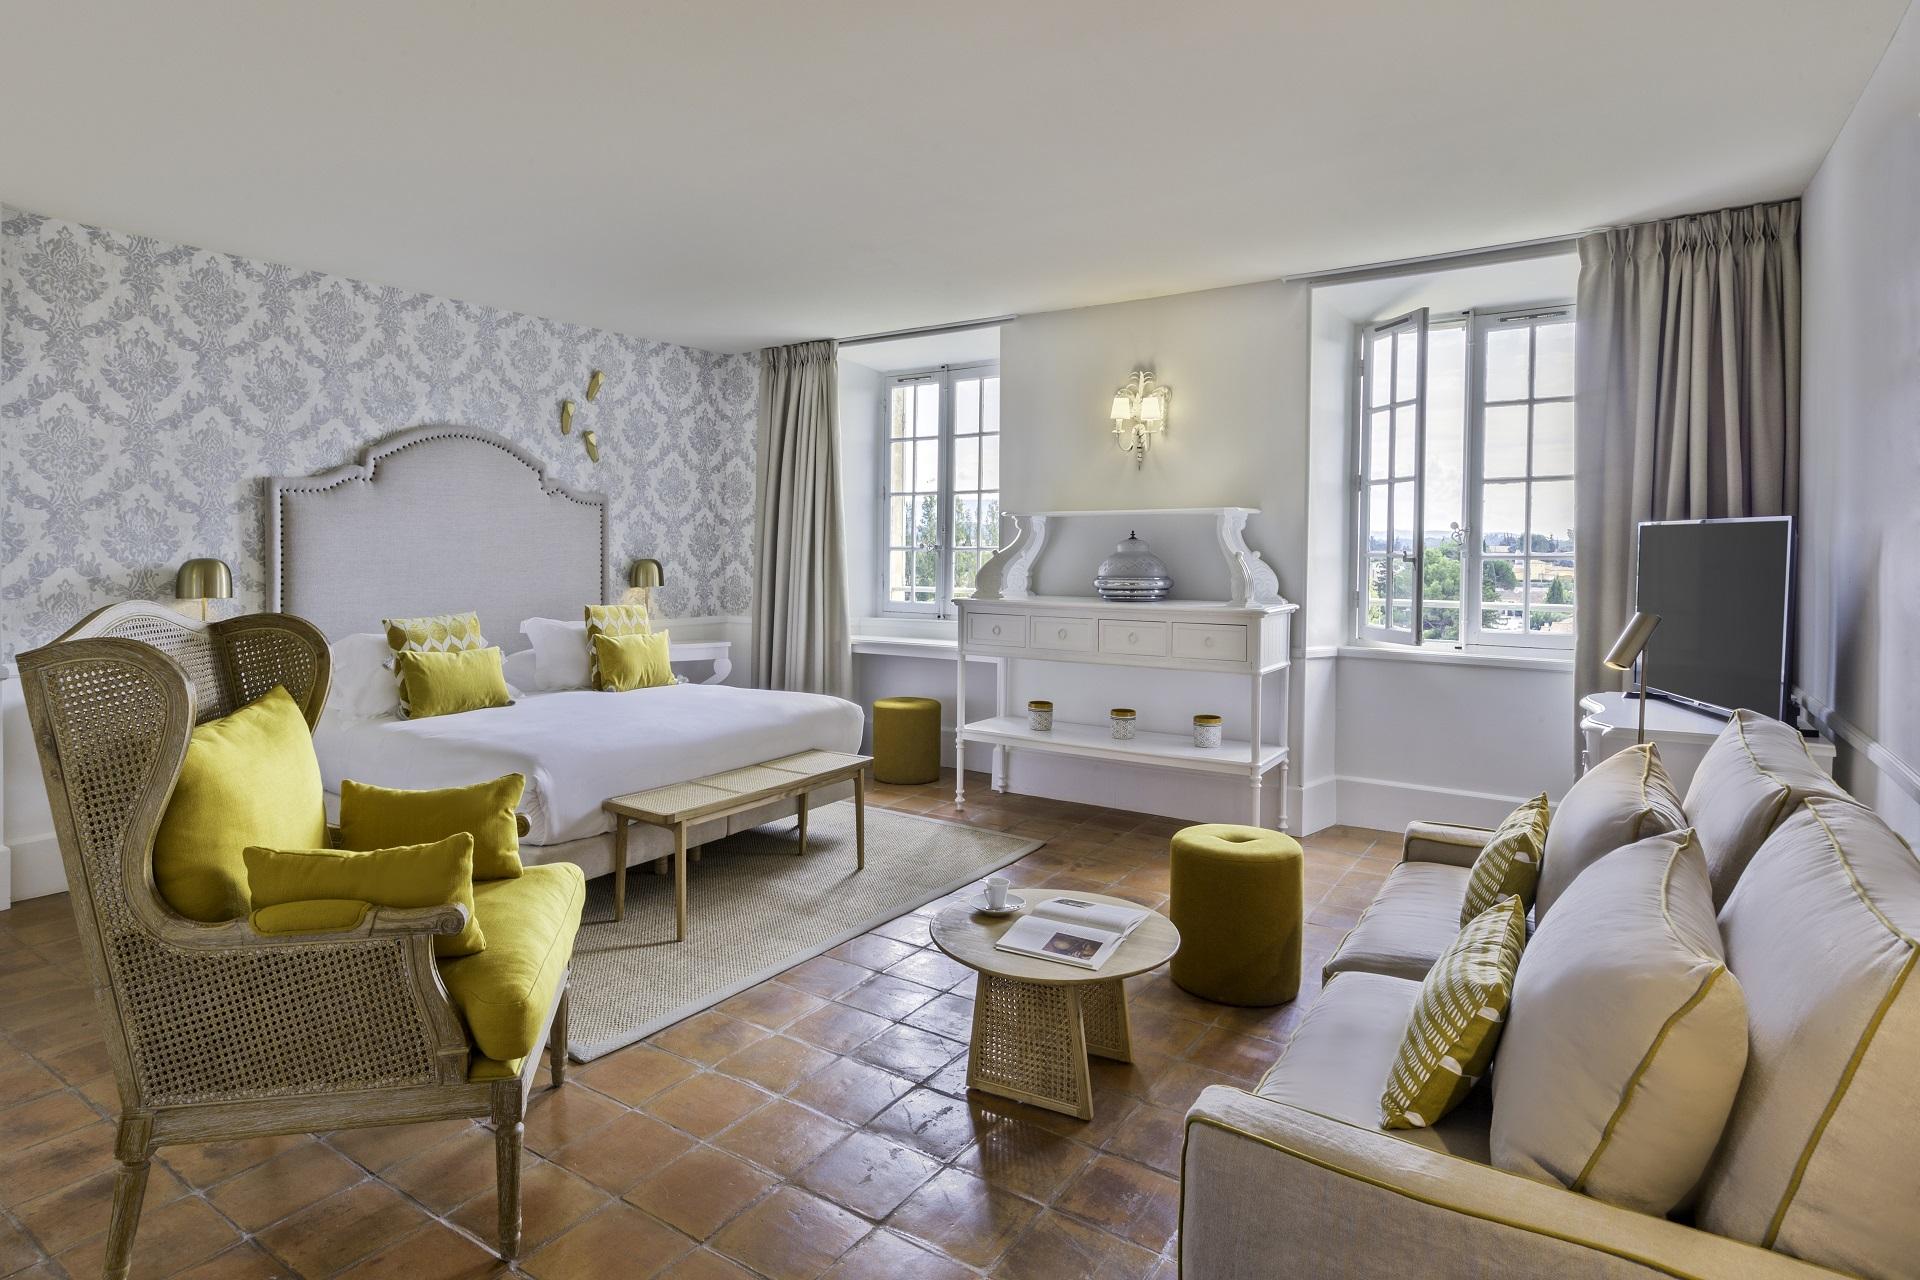 chateau-de-mazan-ventoux-vaucluse -avignon-provence-chambre-seminaires-de-caractere